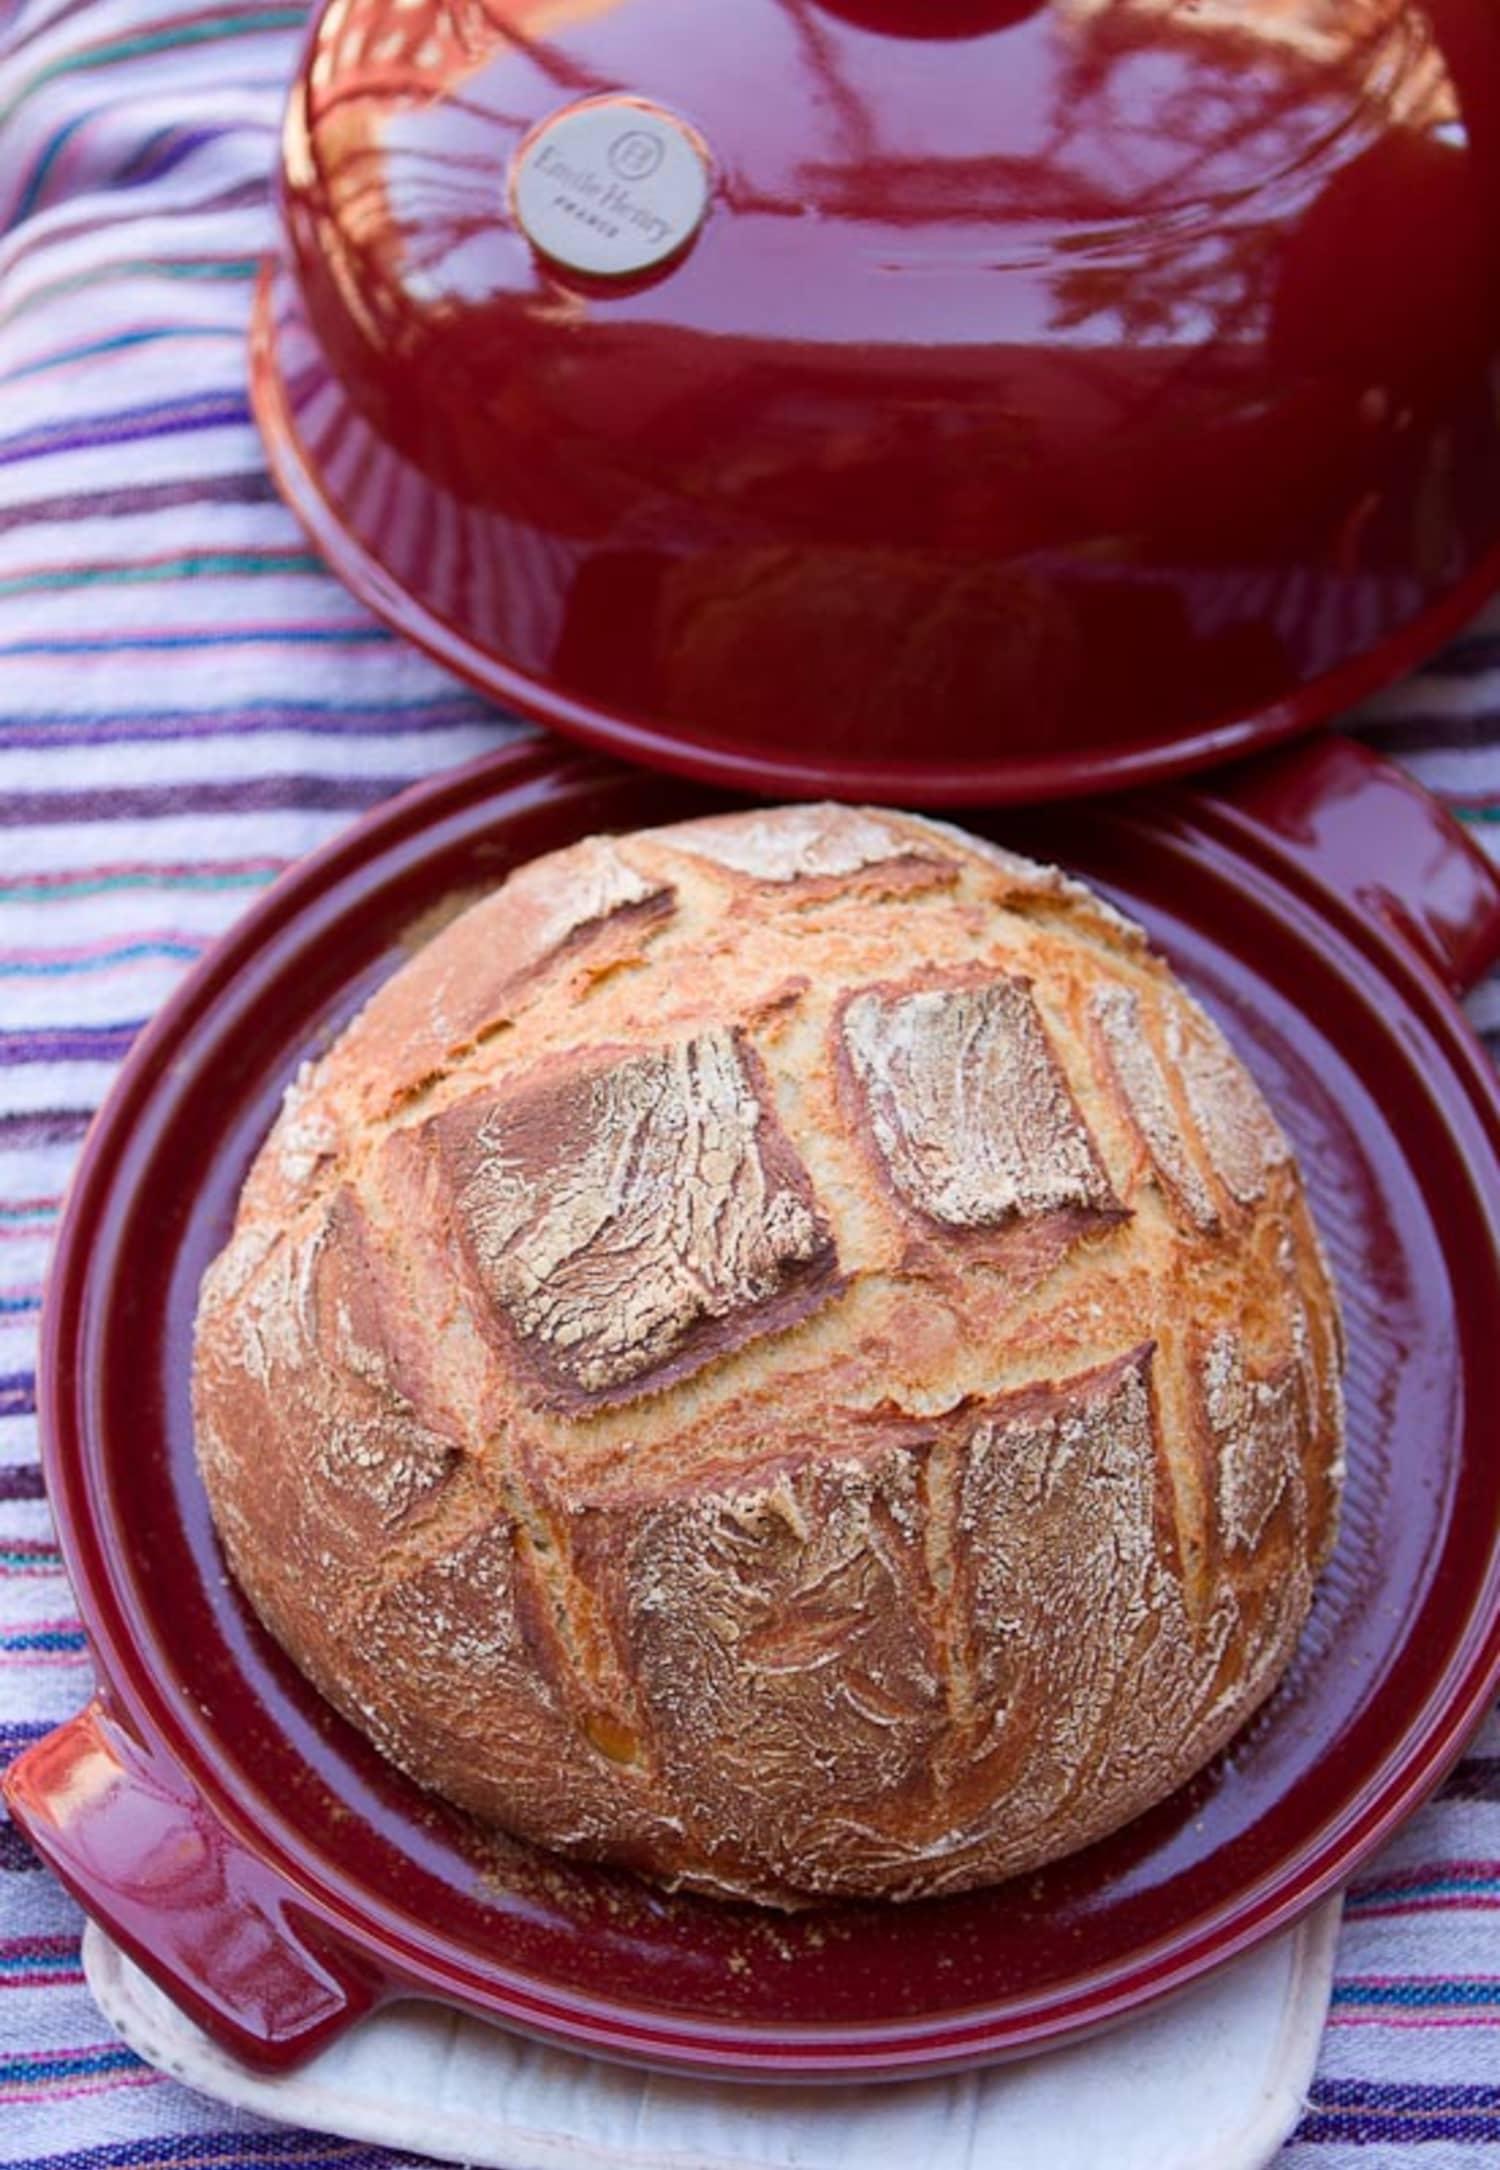 Fall Baking Recipe Rustic White Bread From A Bread Cloche